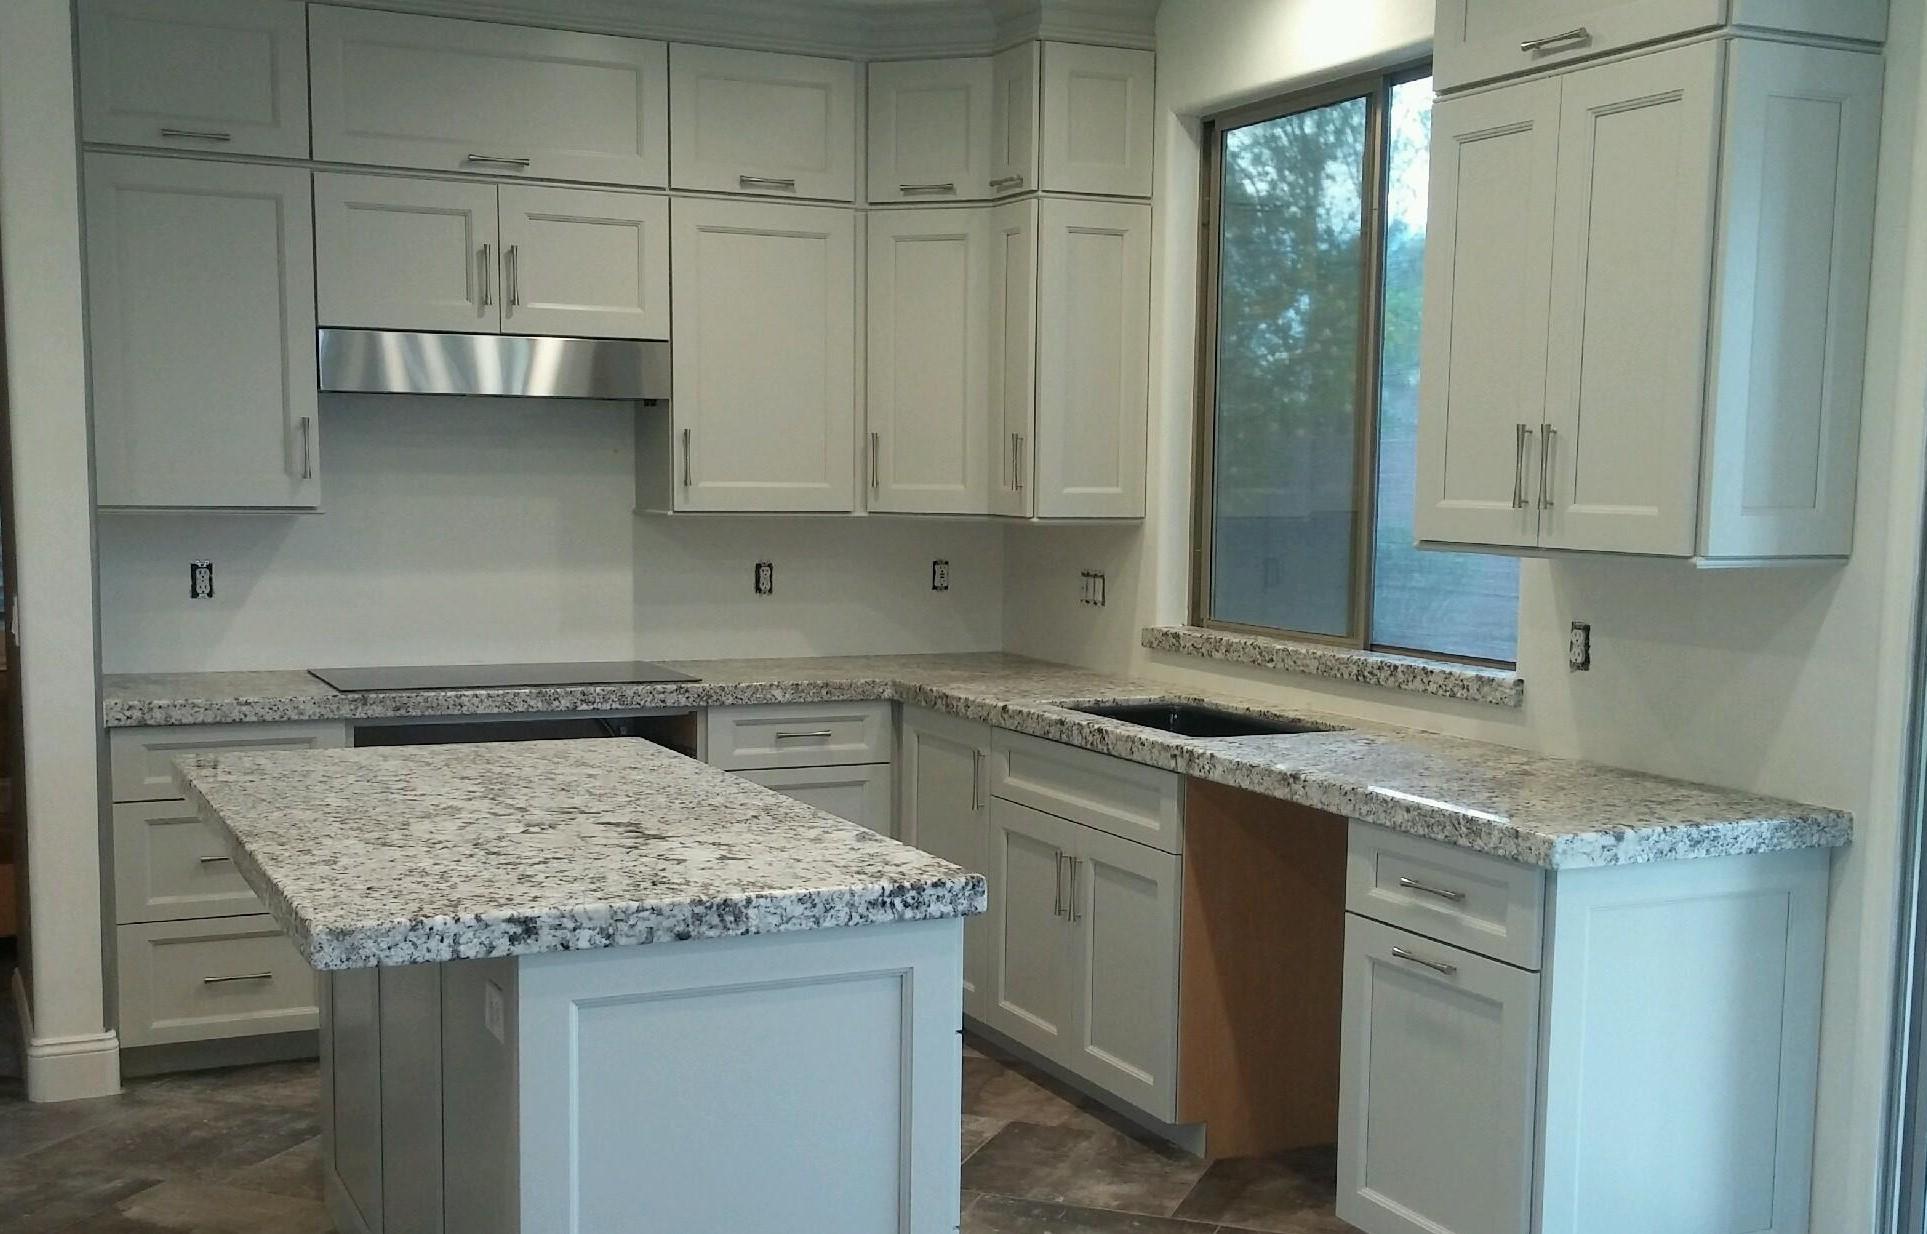 prefab quartz prefab kitchen cabinets Kitchen Cabinets Quartz Countertop Showroom in Scottsdale AZ